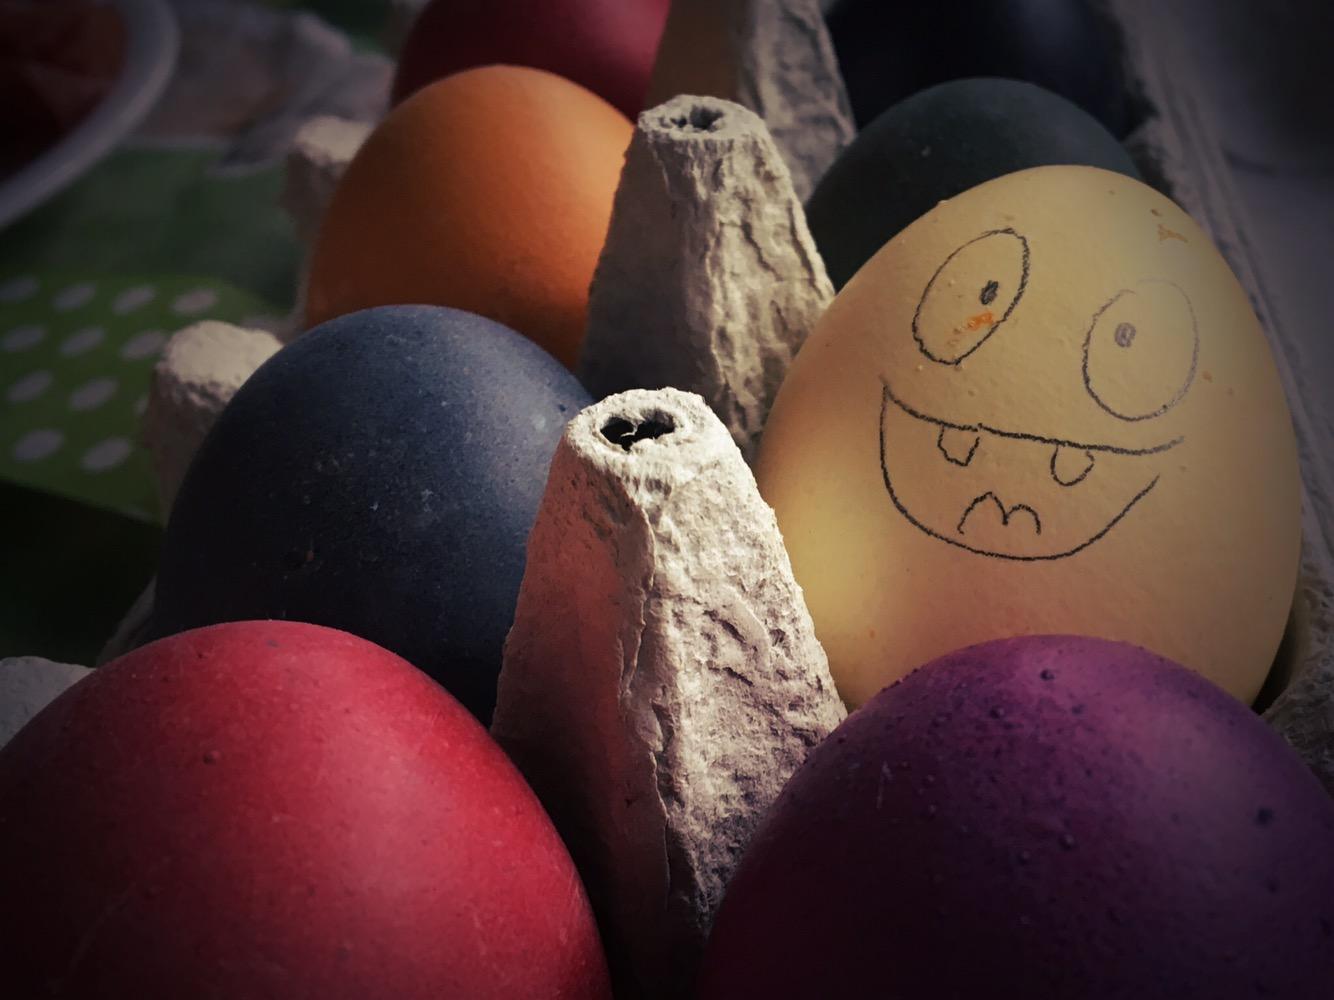 gefärbte Eier mit aufgemaltem Gesicht